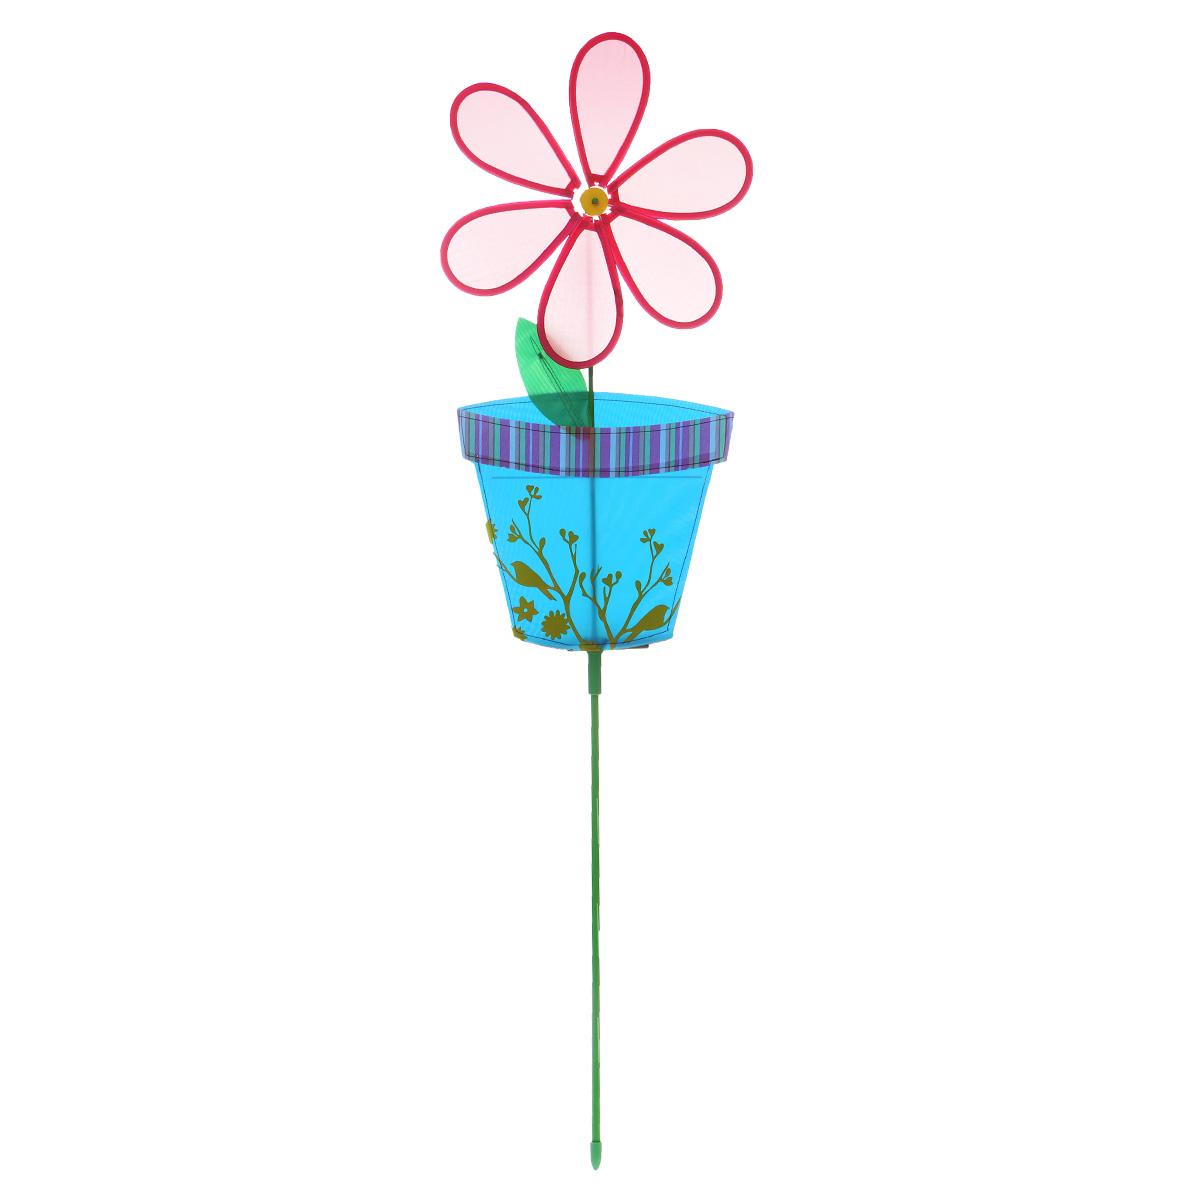 Фигура-вертушка декоративнаяVillage People Цветок в горшочке, цвет: красный, высота 114 см. 6692466924_3Декоративная фигура-вертушка Village People Цветок в горшочке - это не только любимая всеми игрушка, но и замечательный способ отпугнуть птиц с грядок. А за счёт яркого дизайна ландшафт сада станет еще привлекательнее. Диаметр цветка: 28 см. Размер фигуры-вертушки: 114 см х 28 см х 2,5 см